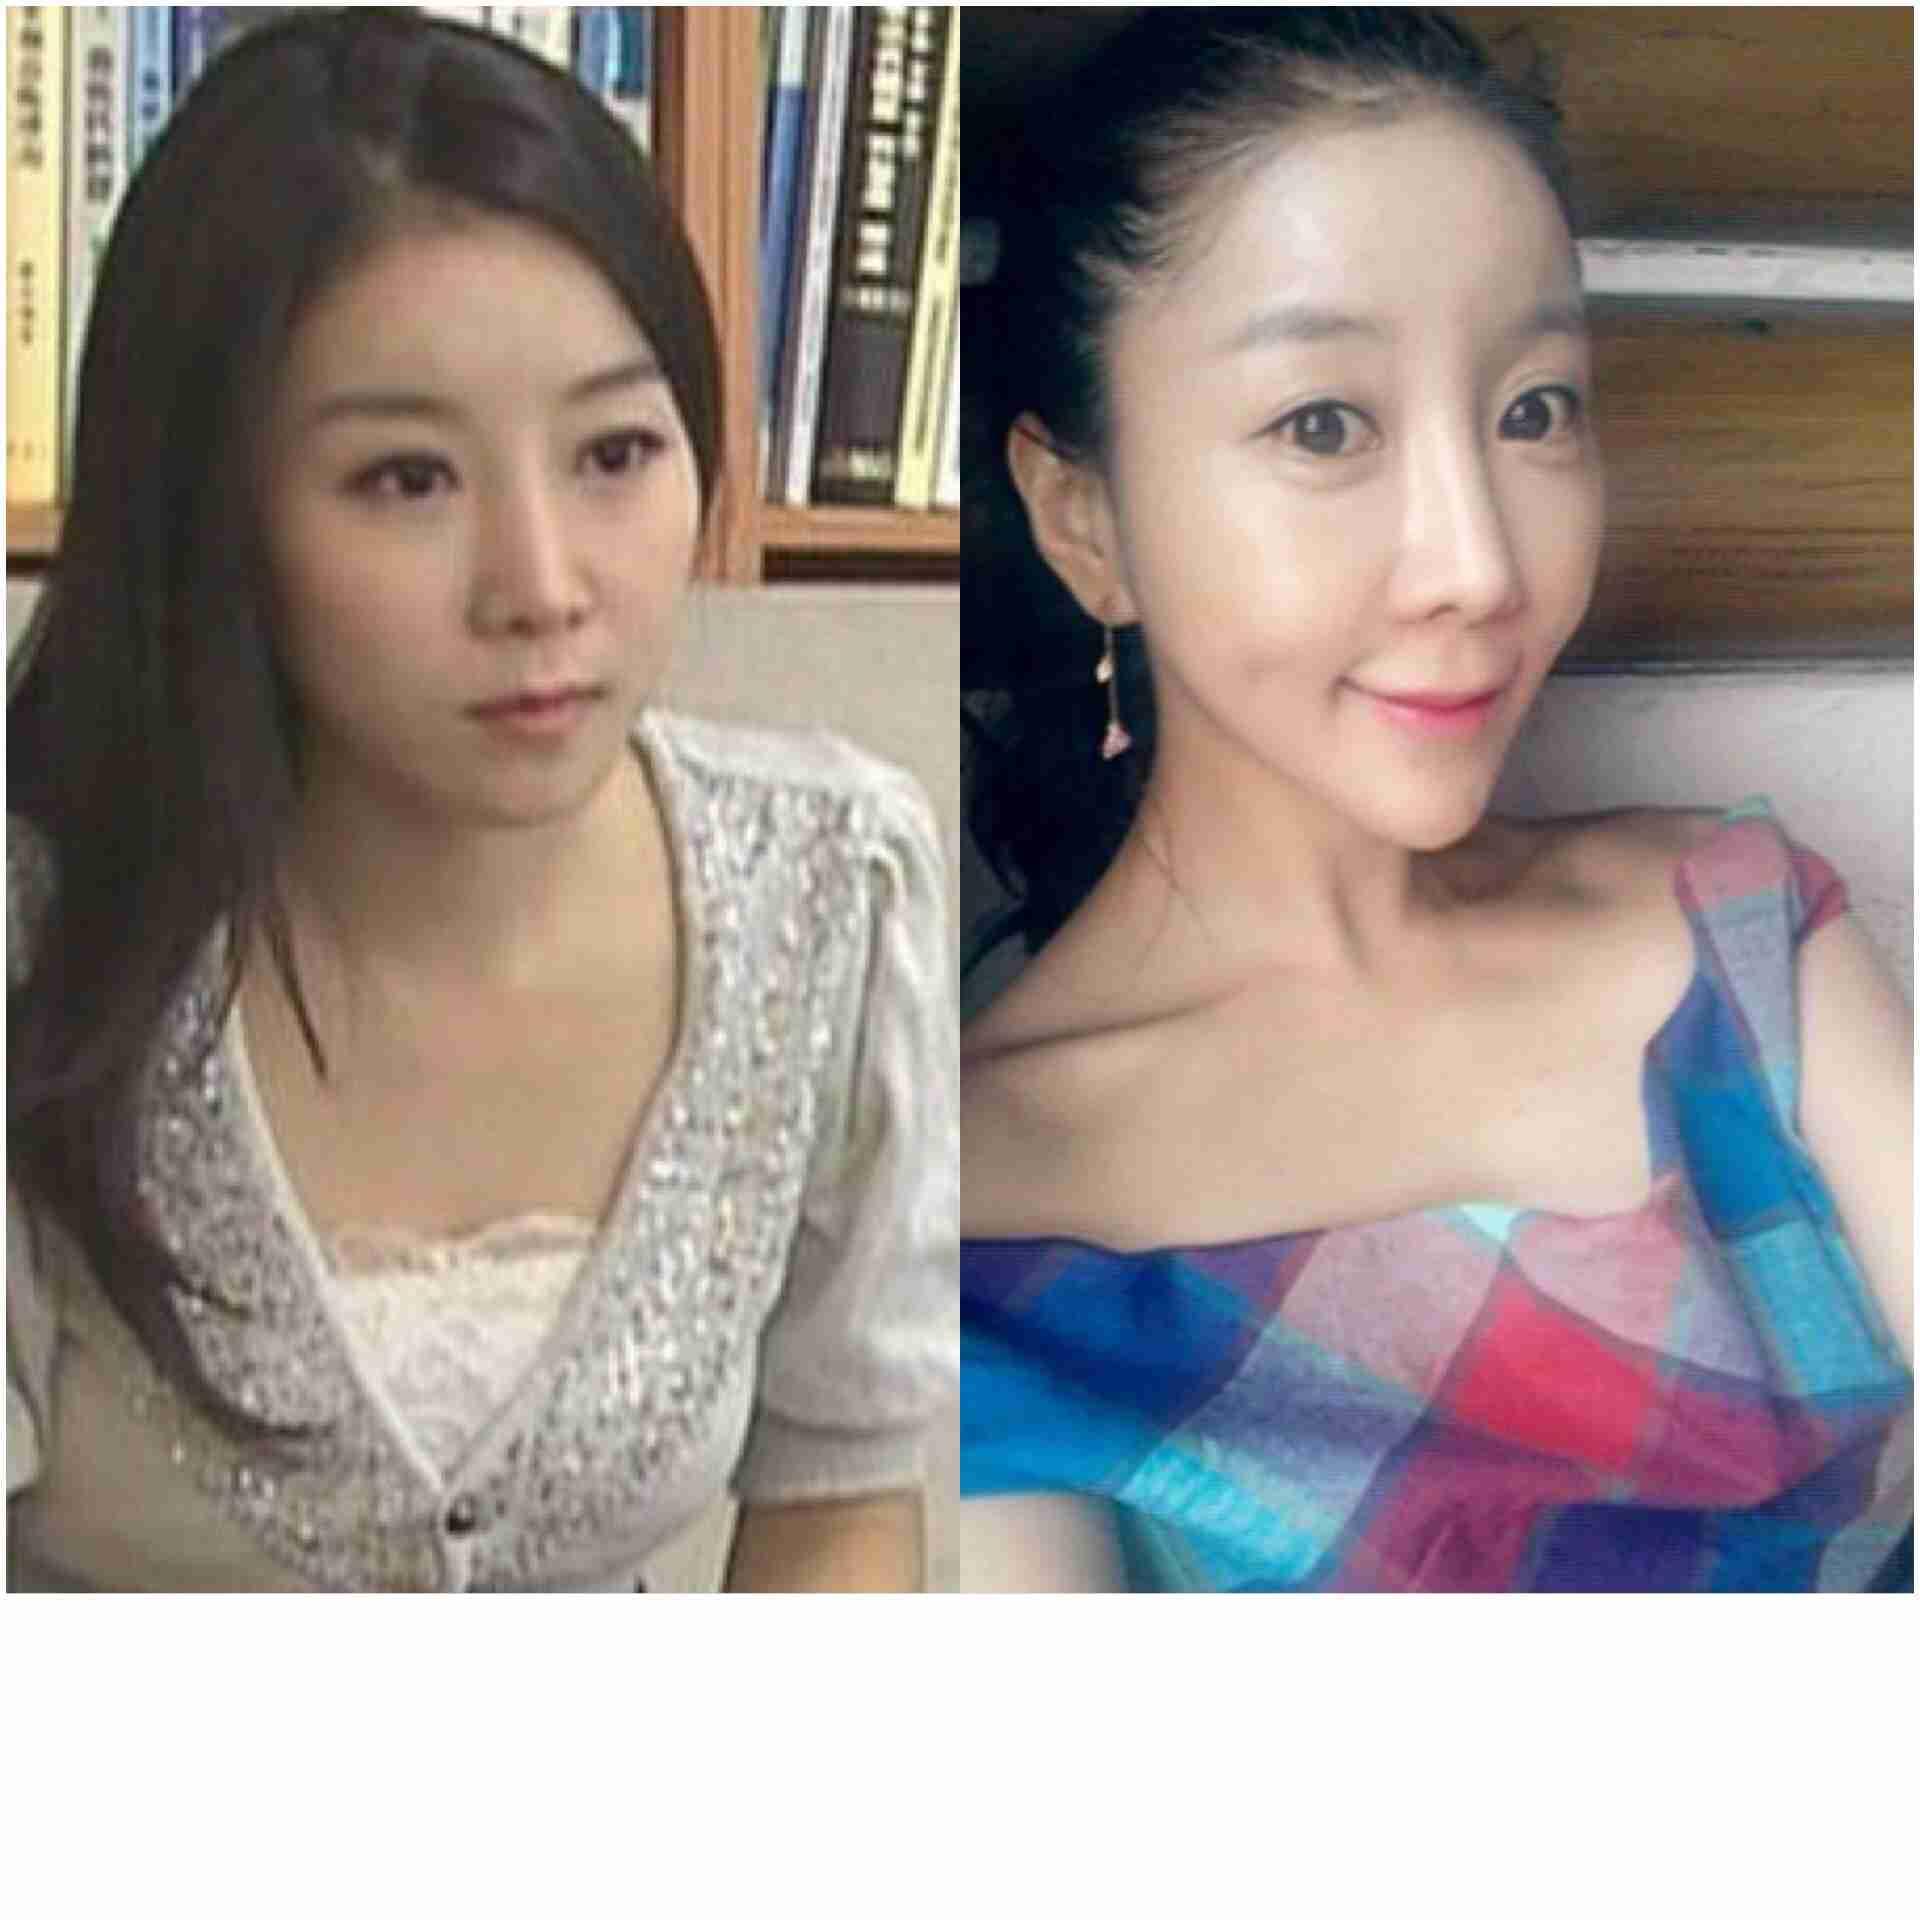 前世紀の韓国のミスコンテスト 整形していない美人ばかり  +613 +613  前世紀の韓国のミ